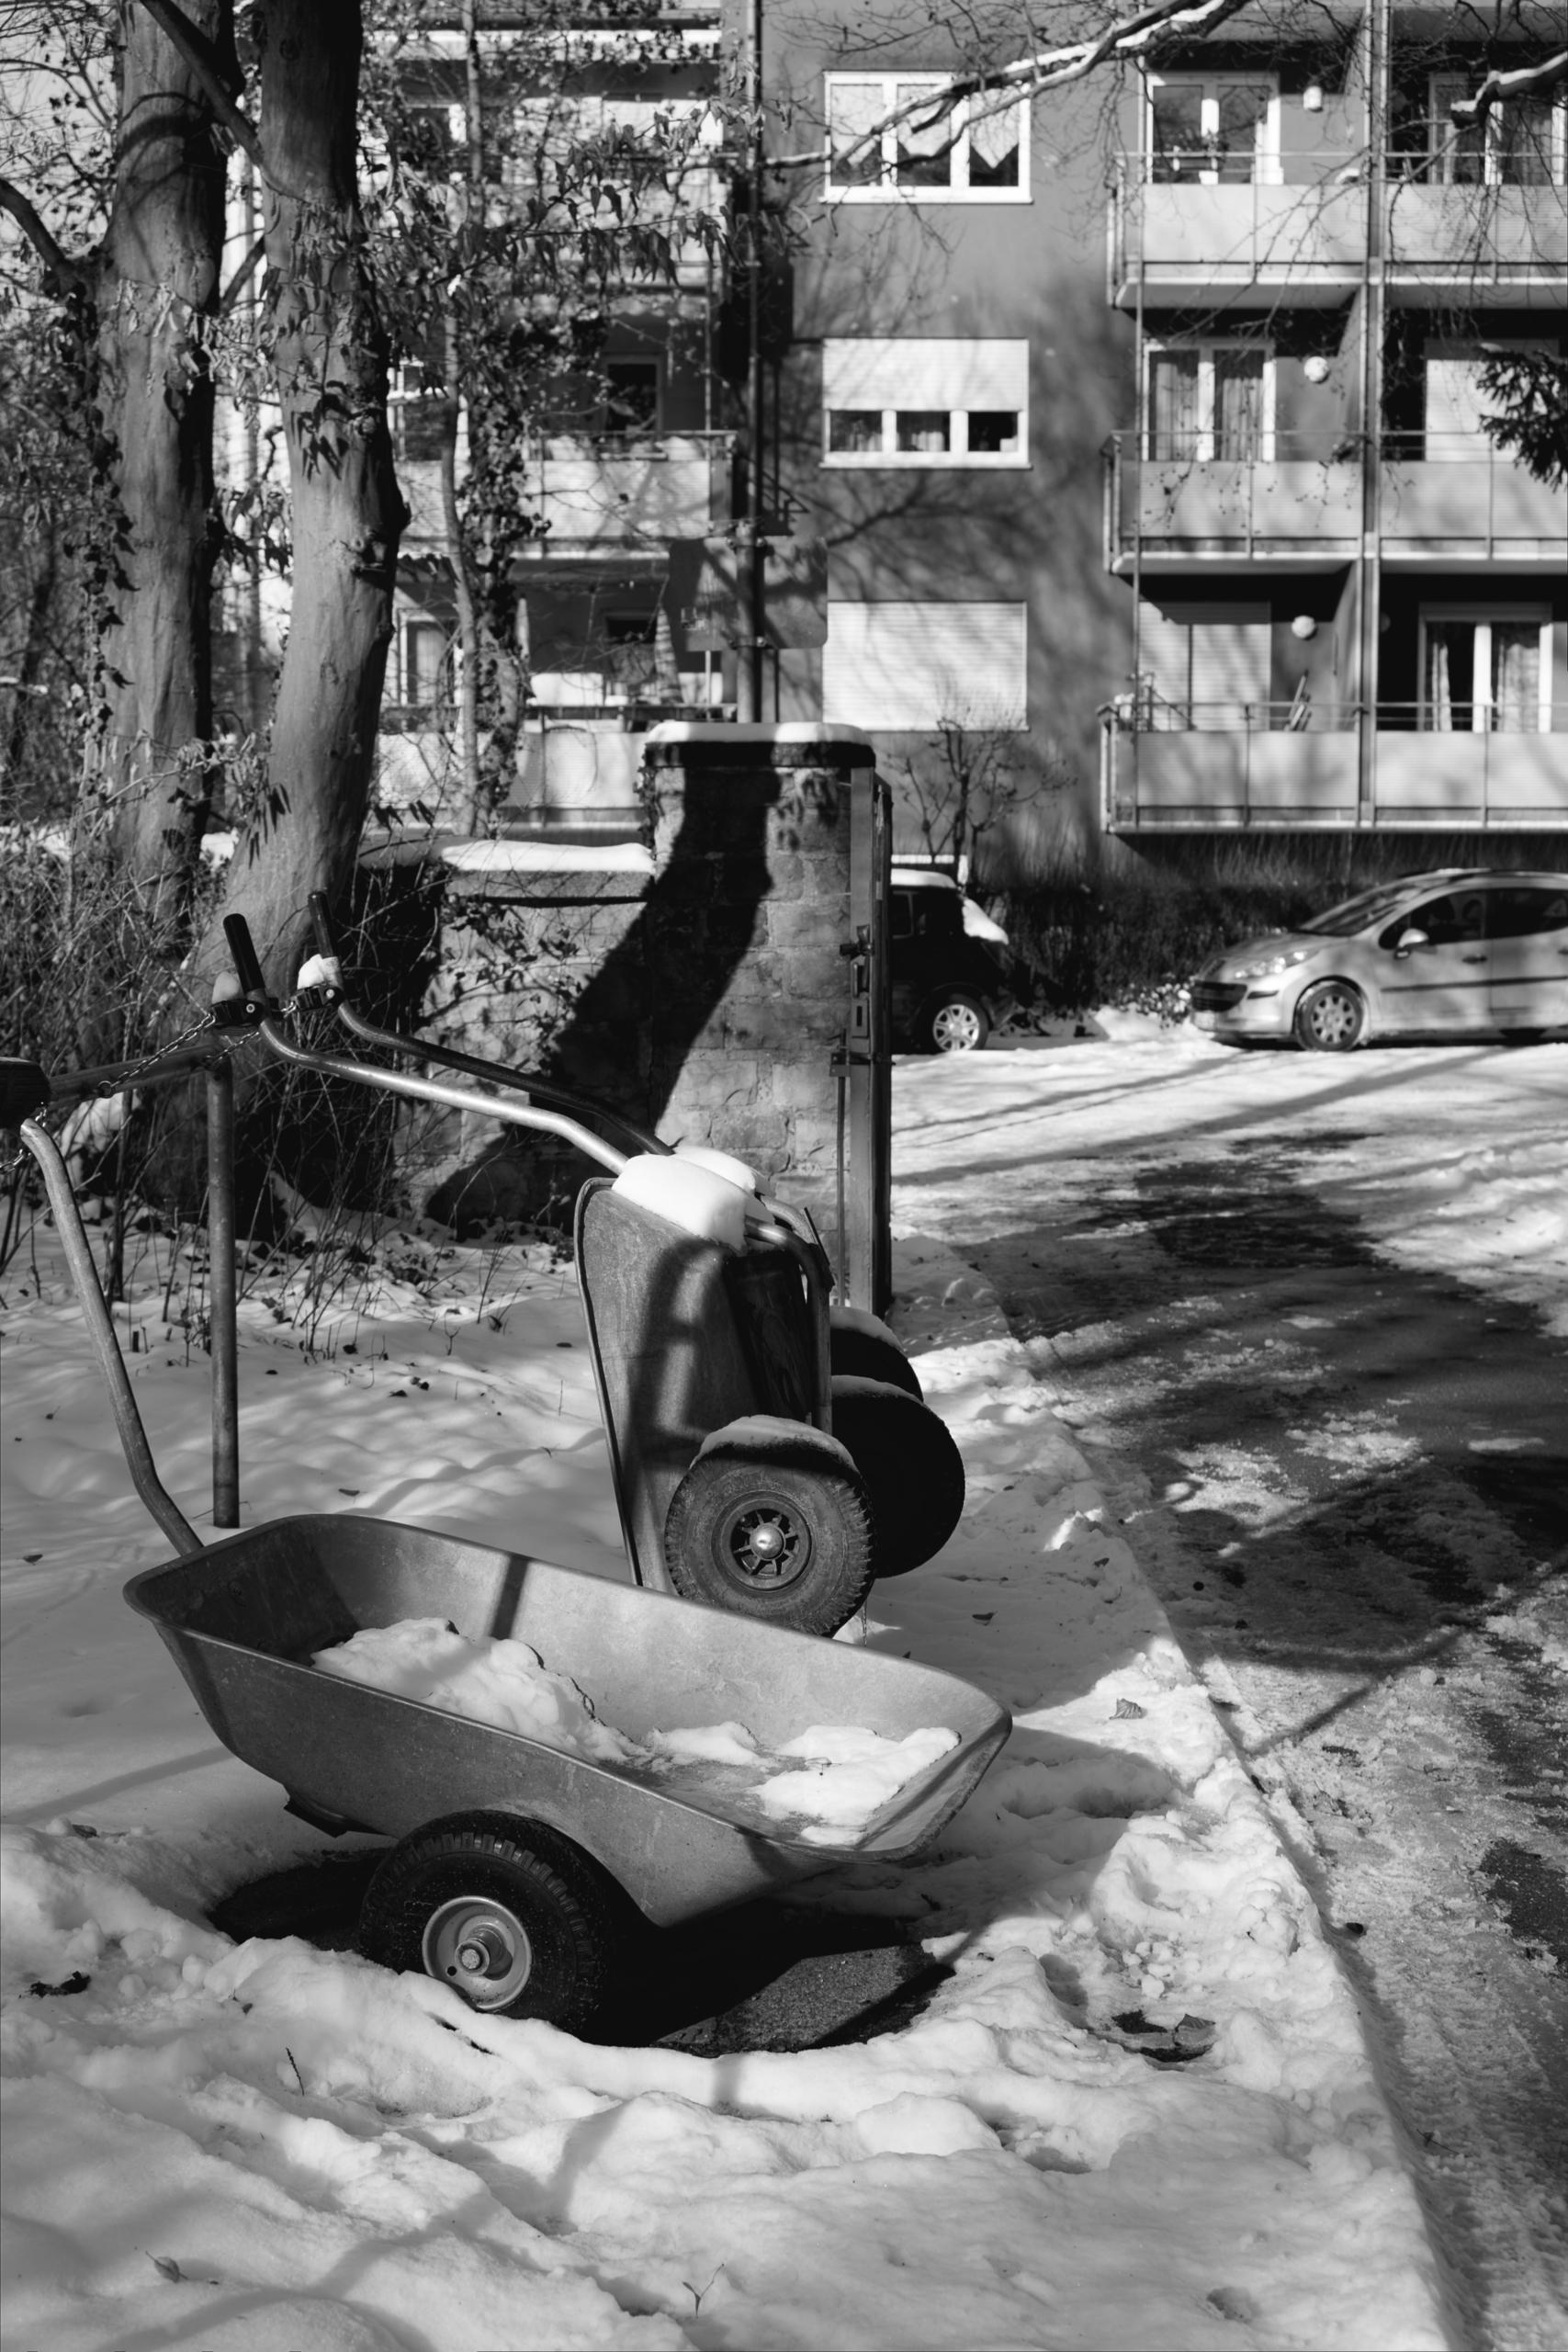 Lots - photography, winter202021 - marcushammerschmitt   ello